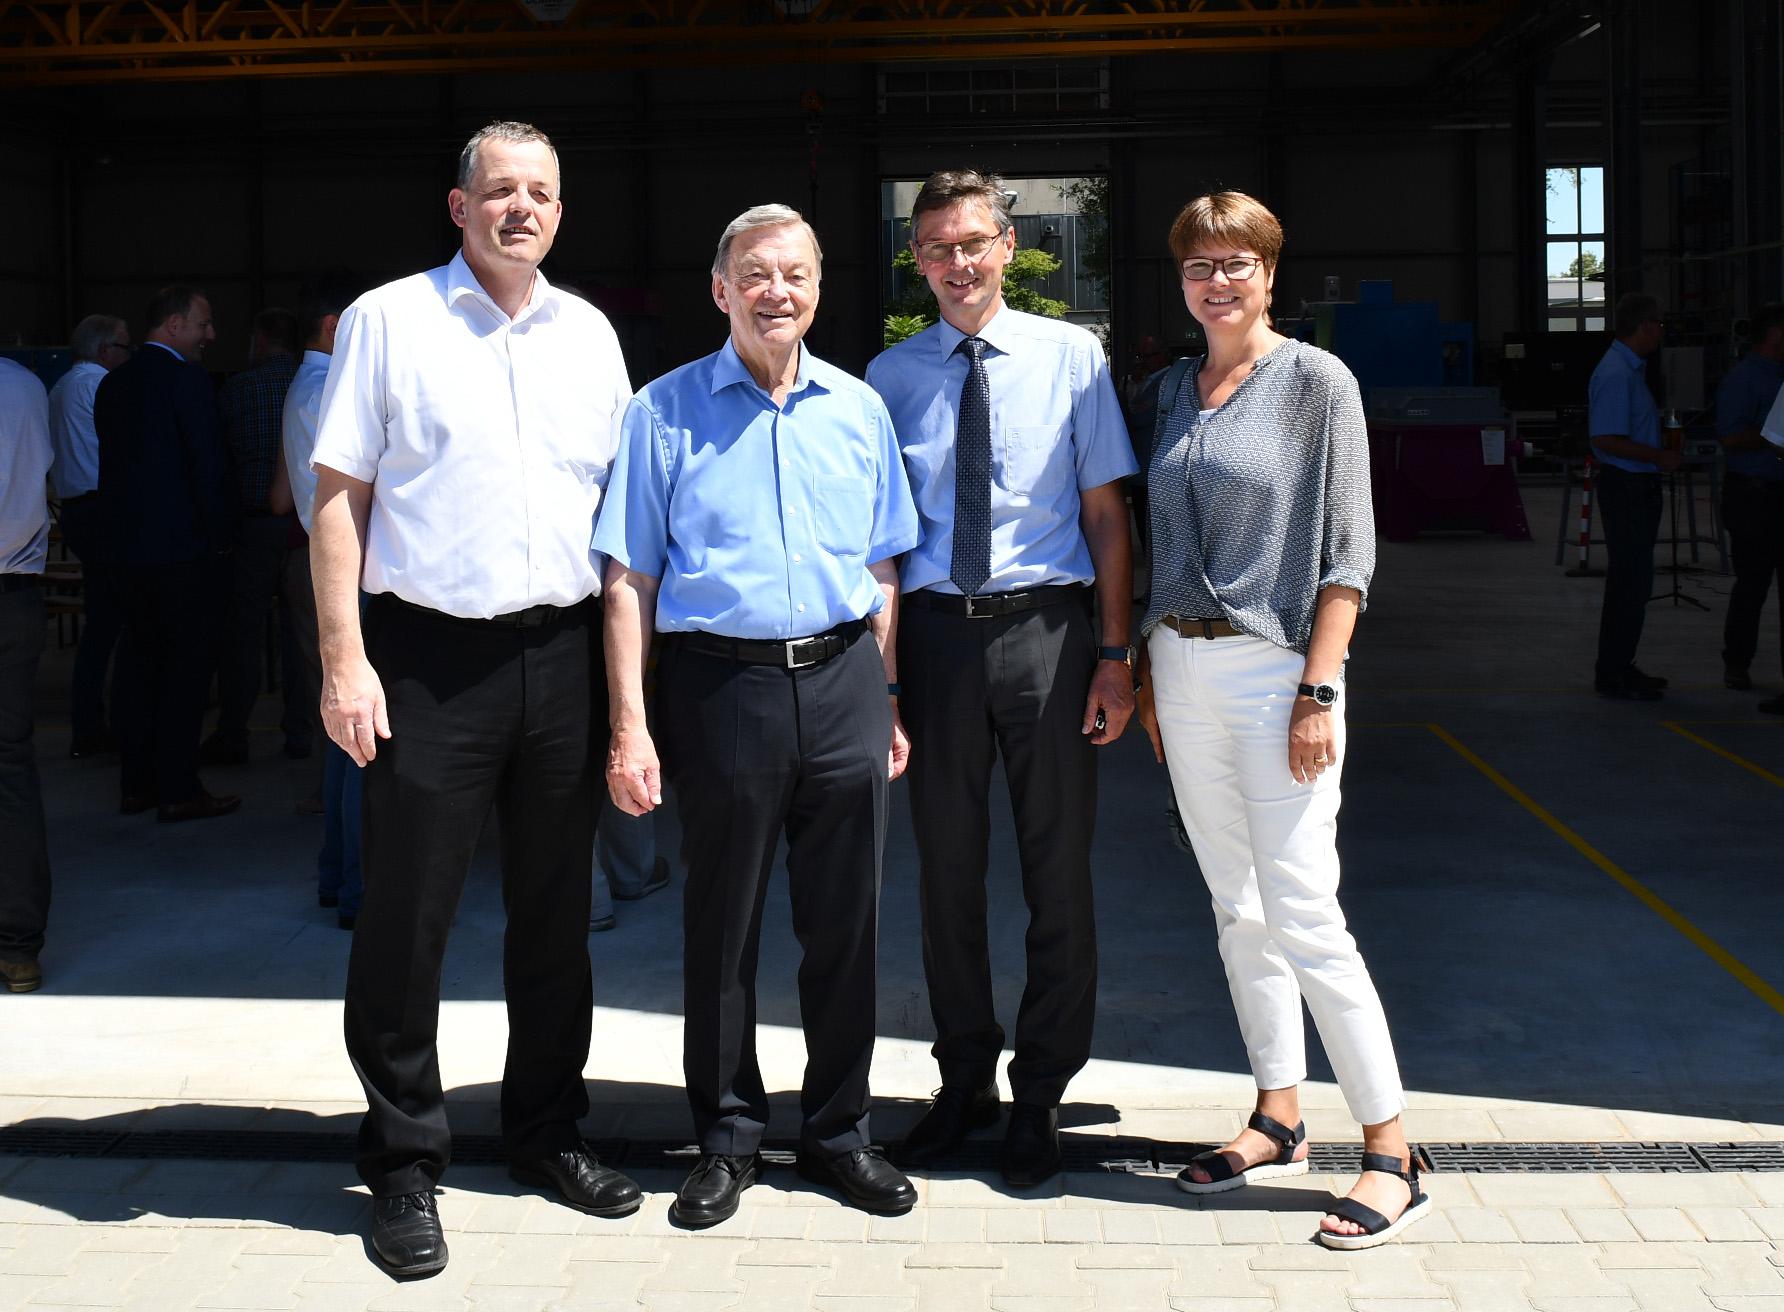 SCHWING Technologies: Geschäftsführer und Gäste bei der Eröffnung der neuen Fertigungshalle in Neukirchen-Vluyn